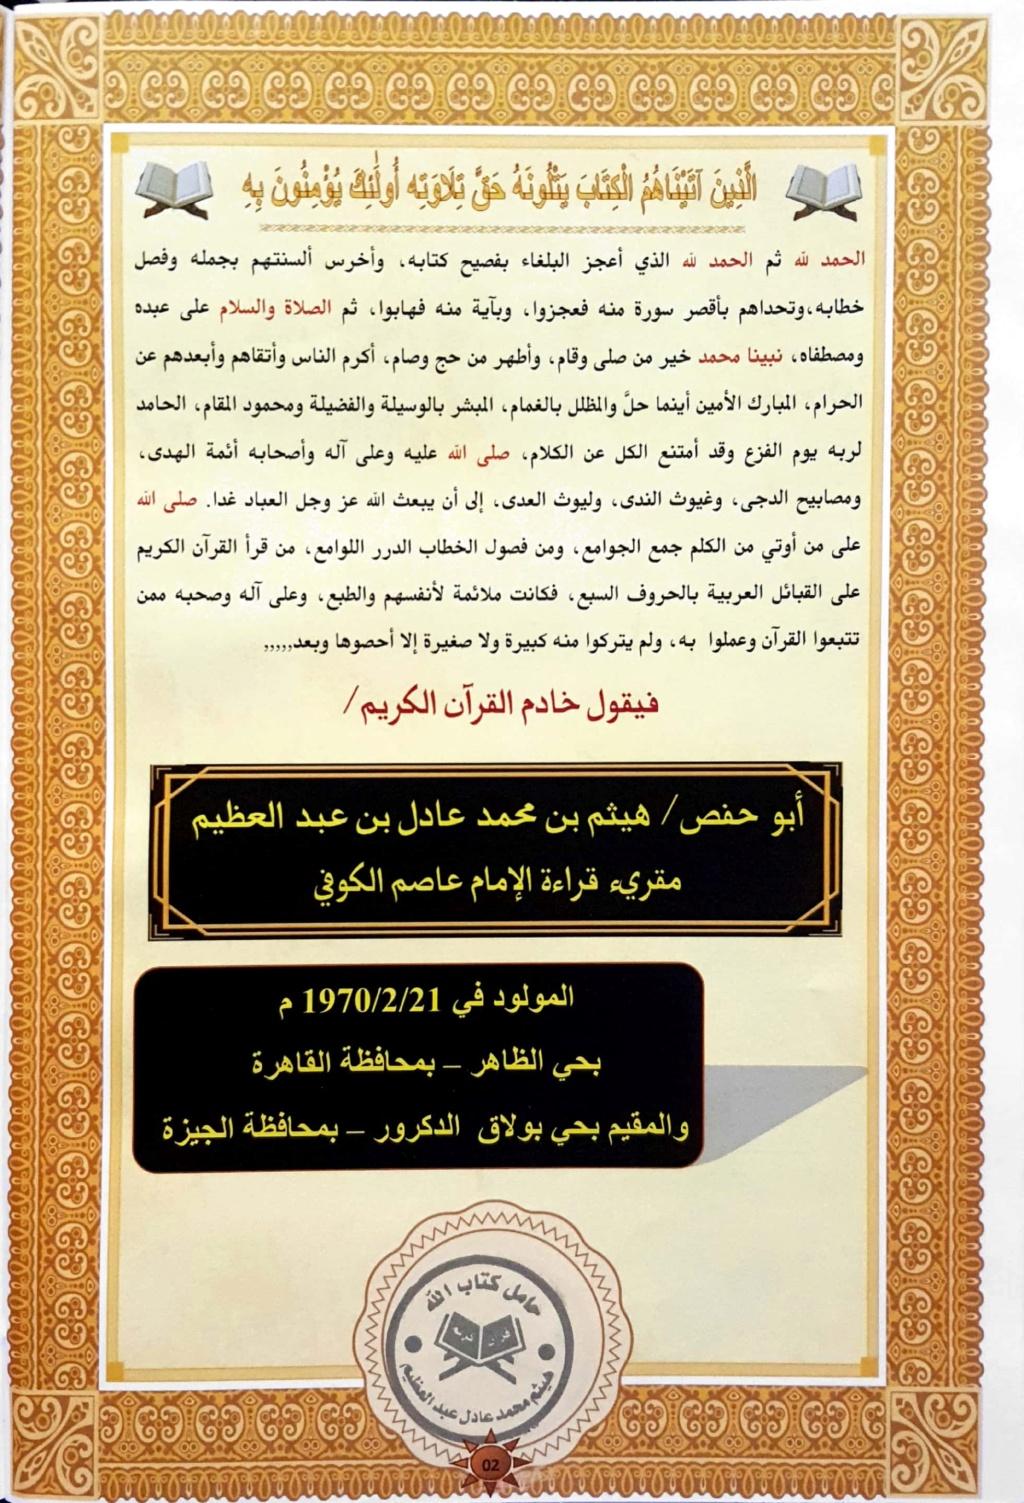 إجازة الشيخ أحمد محمد لبن بقراءة الإمام عاصم  Aeo_aa14